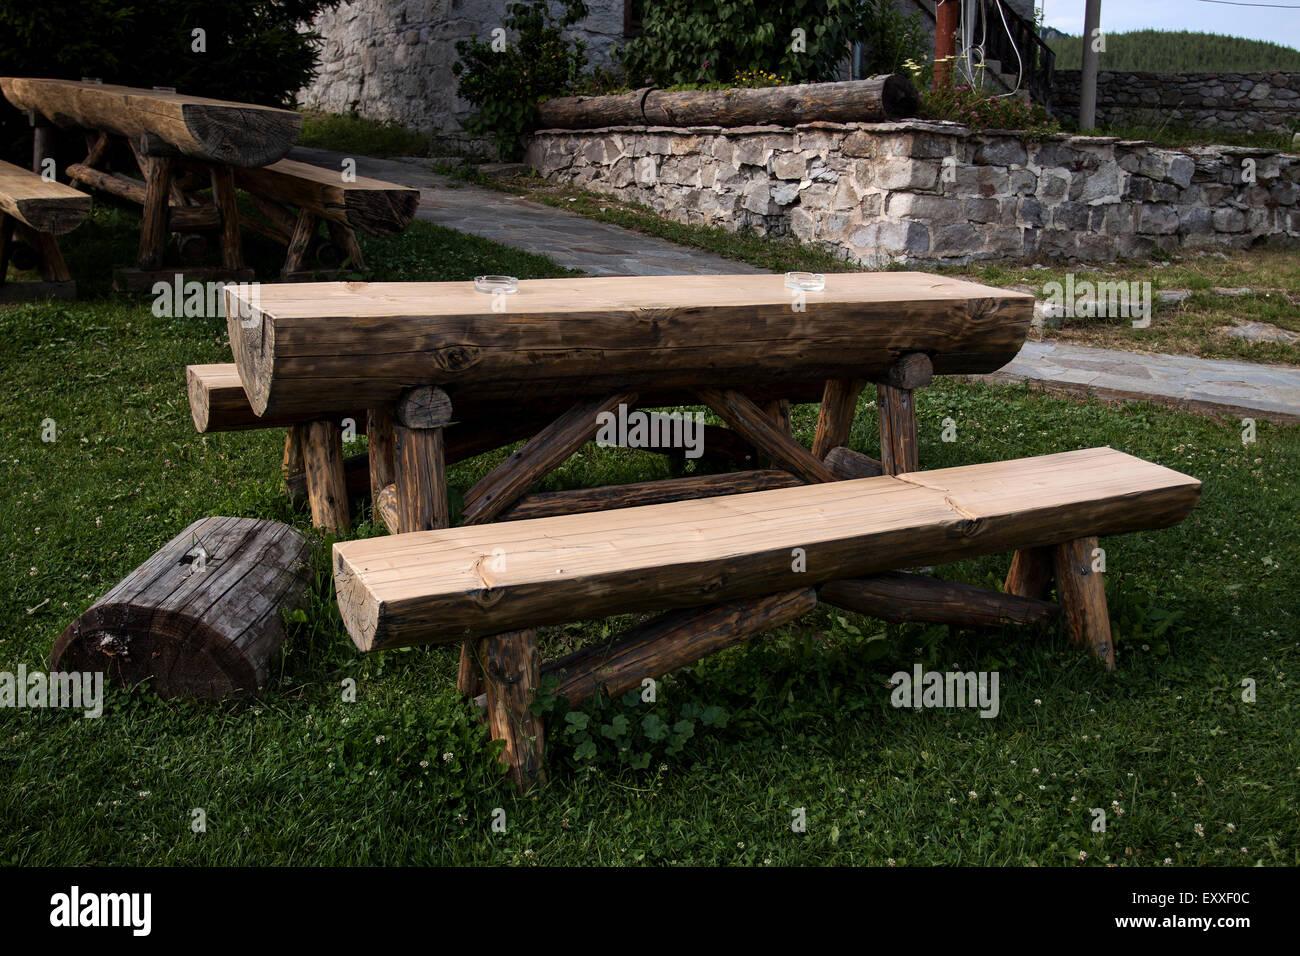 Garten Holz Tisch Und Bank In Die Grünen Wiesen Isoliert